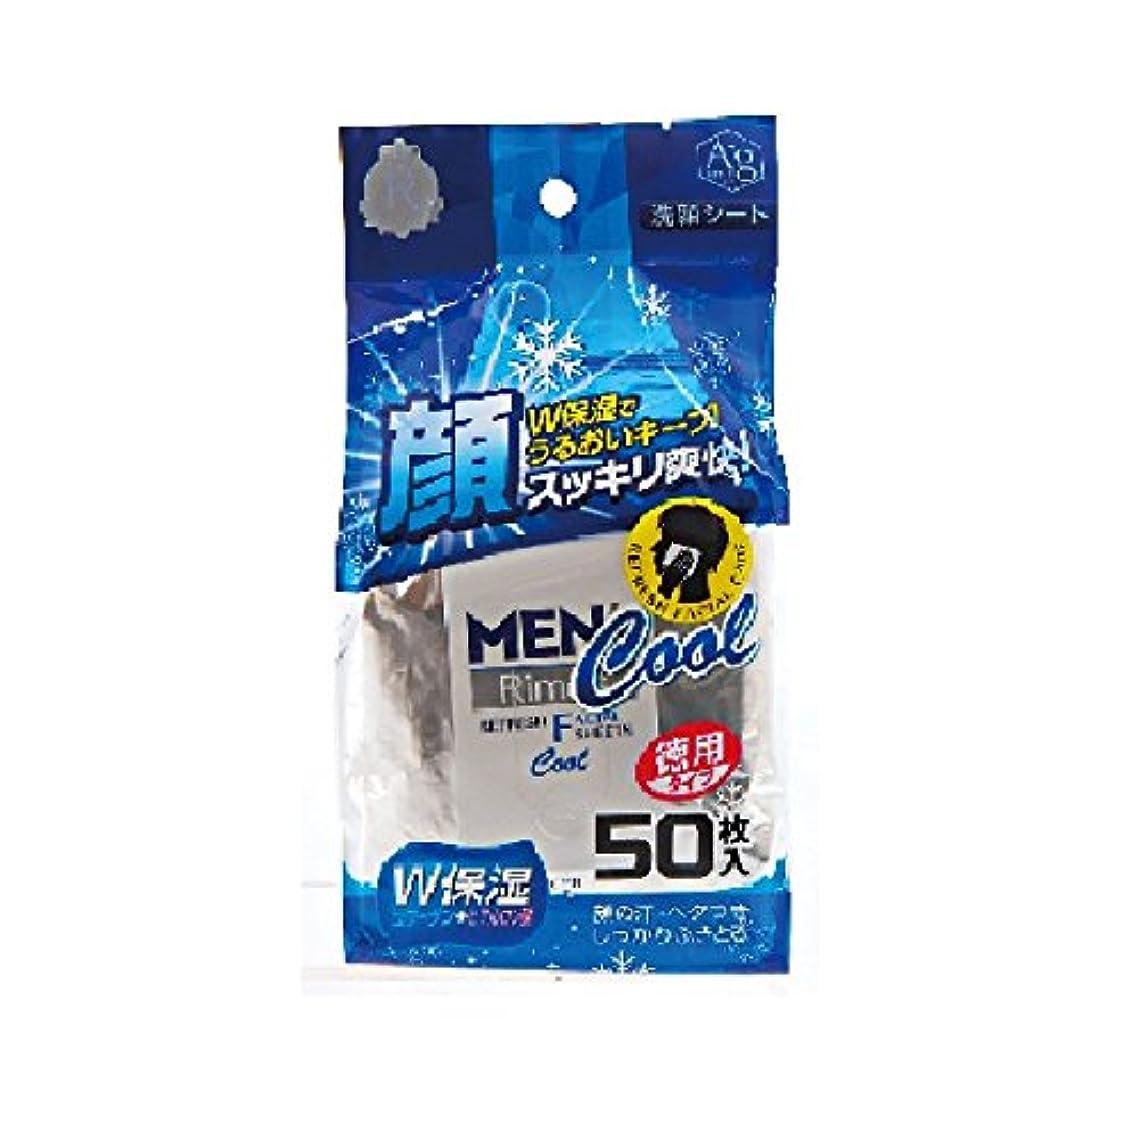 プラグバナナ明確にRimos メンズ洗顔シート クール 50枚